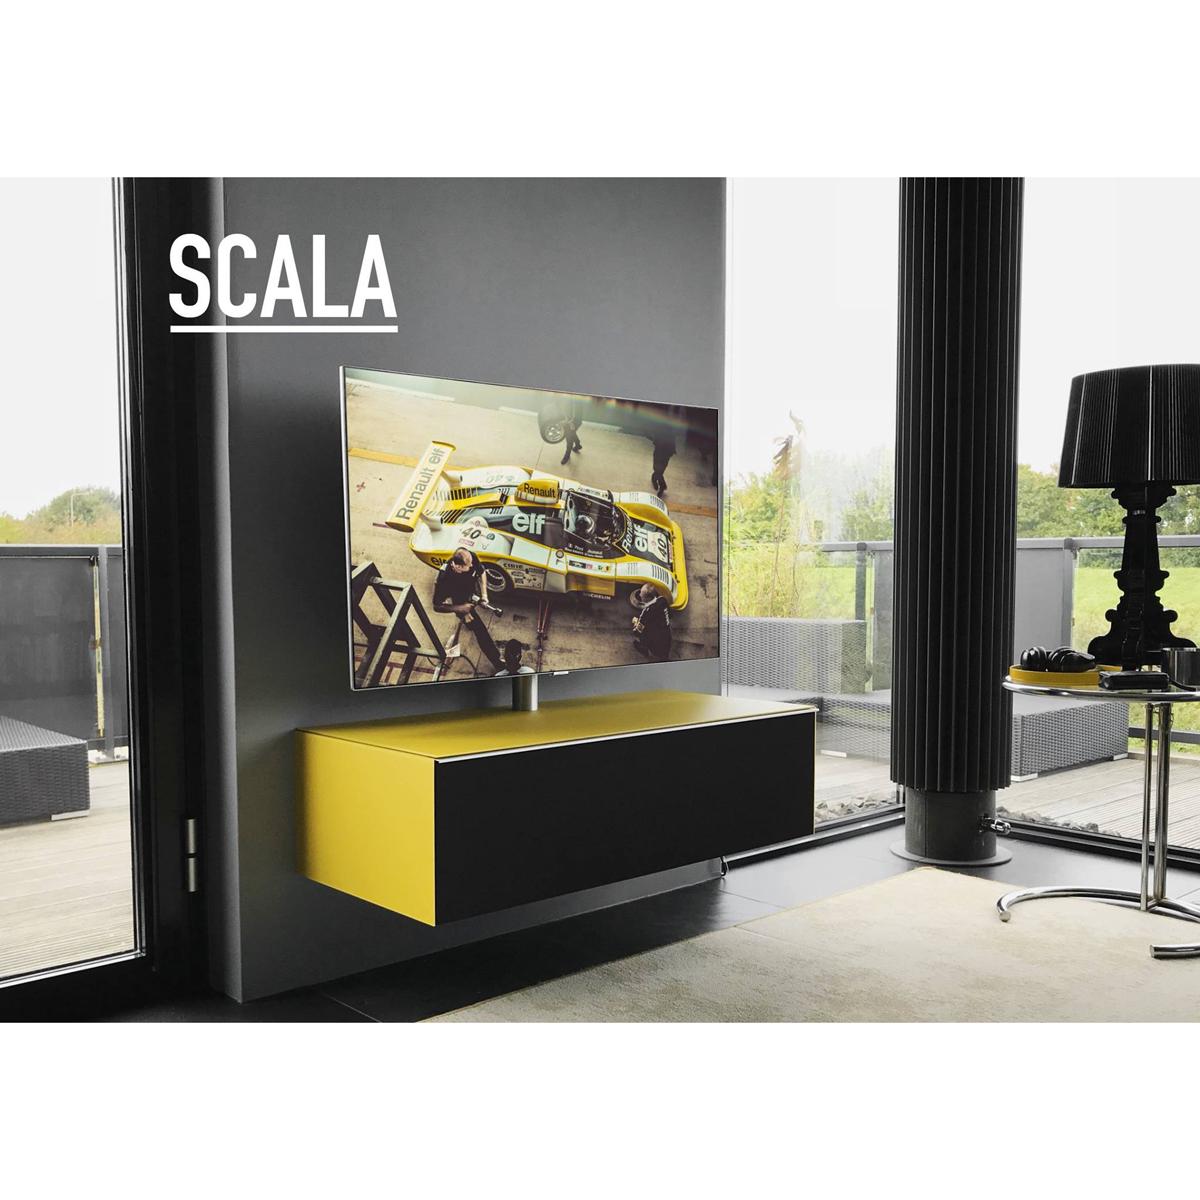 Wandhängendes Hifi TV Möbel mit Stoffklappe für eine Soundbar. Mit TV-Drehhalter. Modell Scala von Spectral.